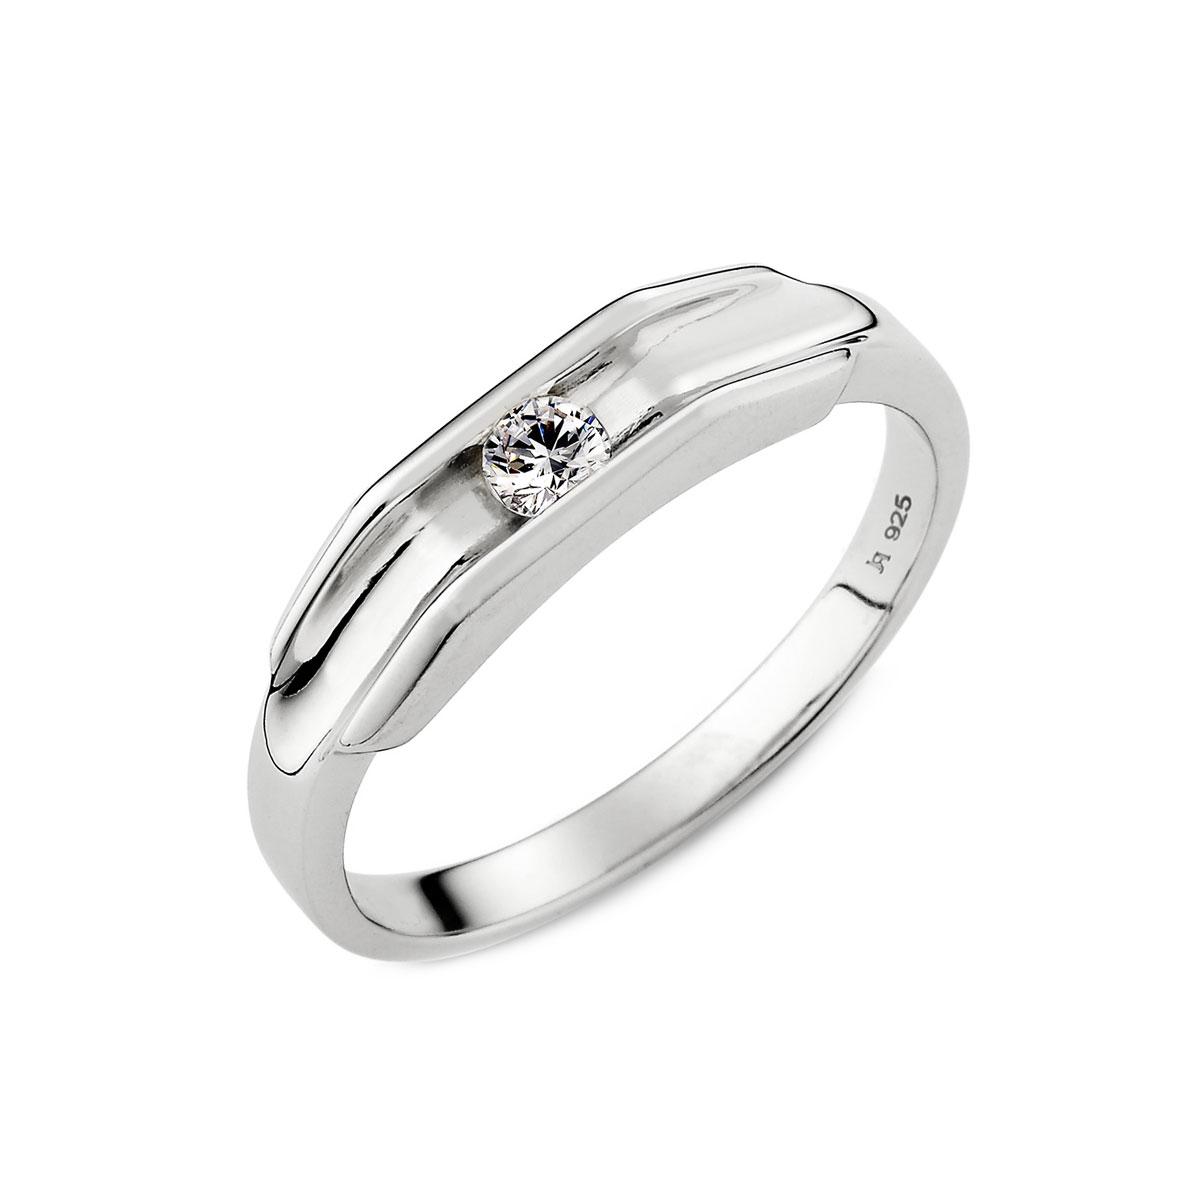 KSM51 純愛單鑽戒指